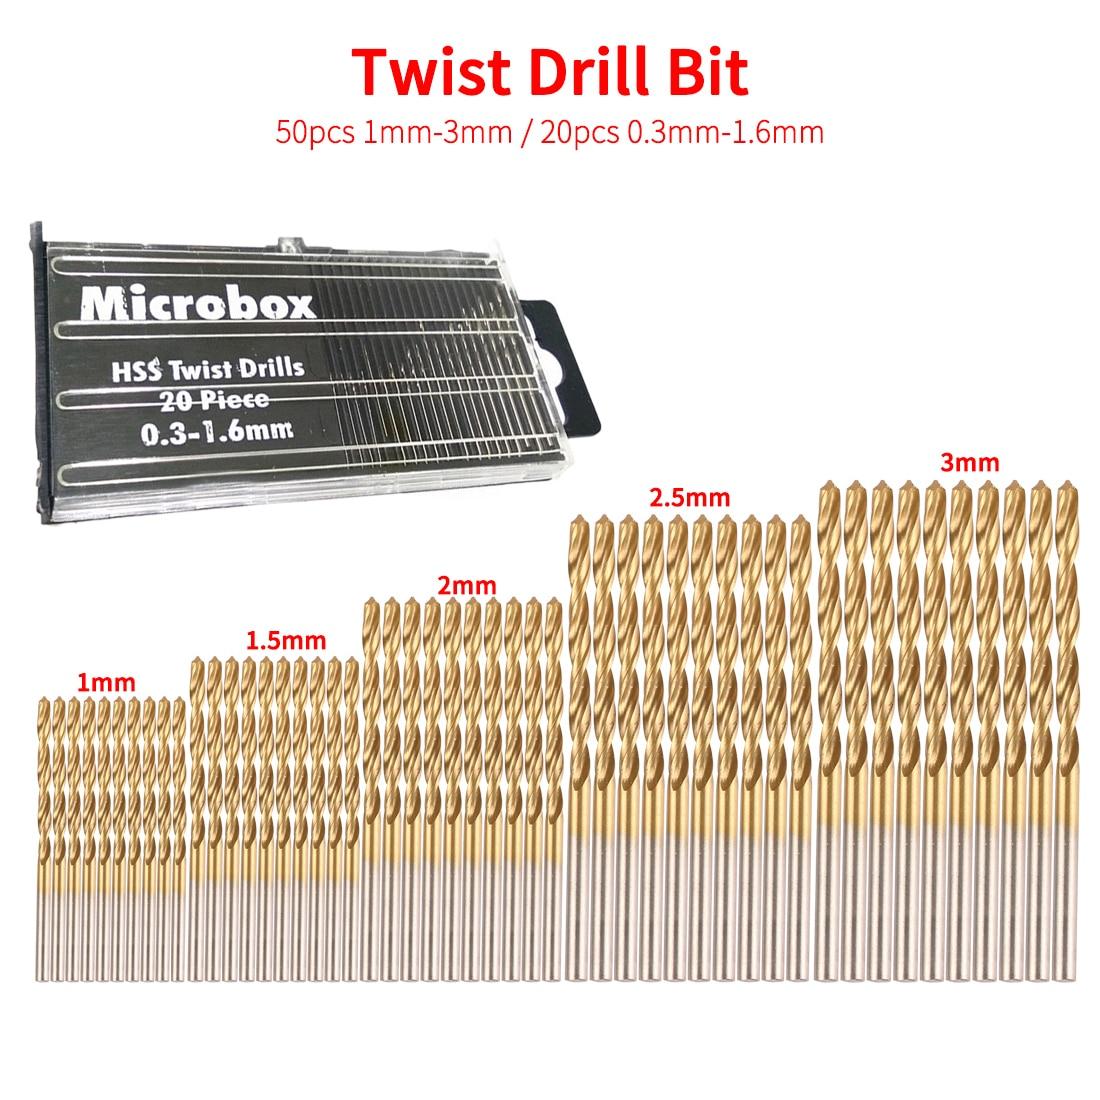 50pcs 1/1.5/2/2.5/3mm Titanium Coated HSS Twist Drill Bit Set Tool Twist Drill Bit Woodworking Tools For Plastic Metal Wood